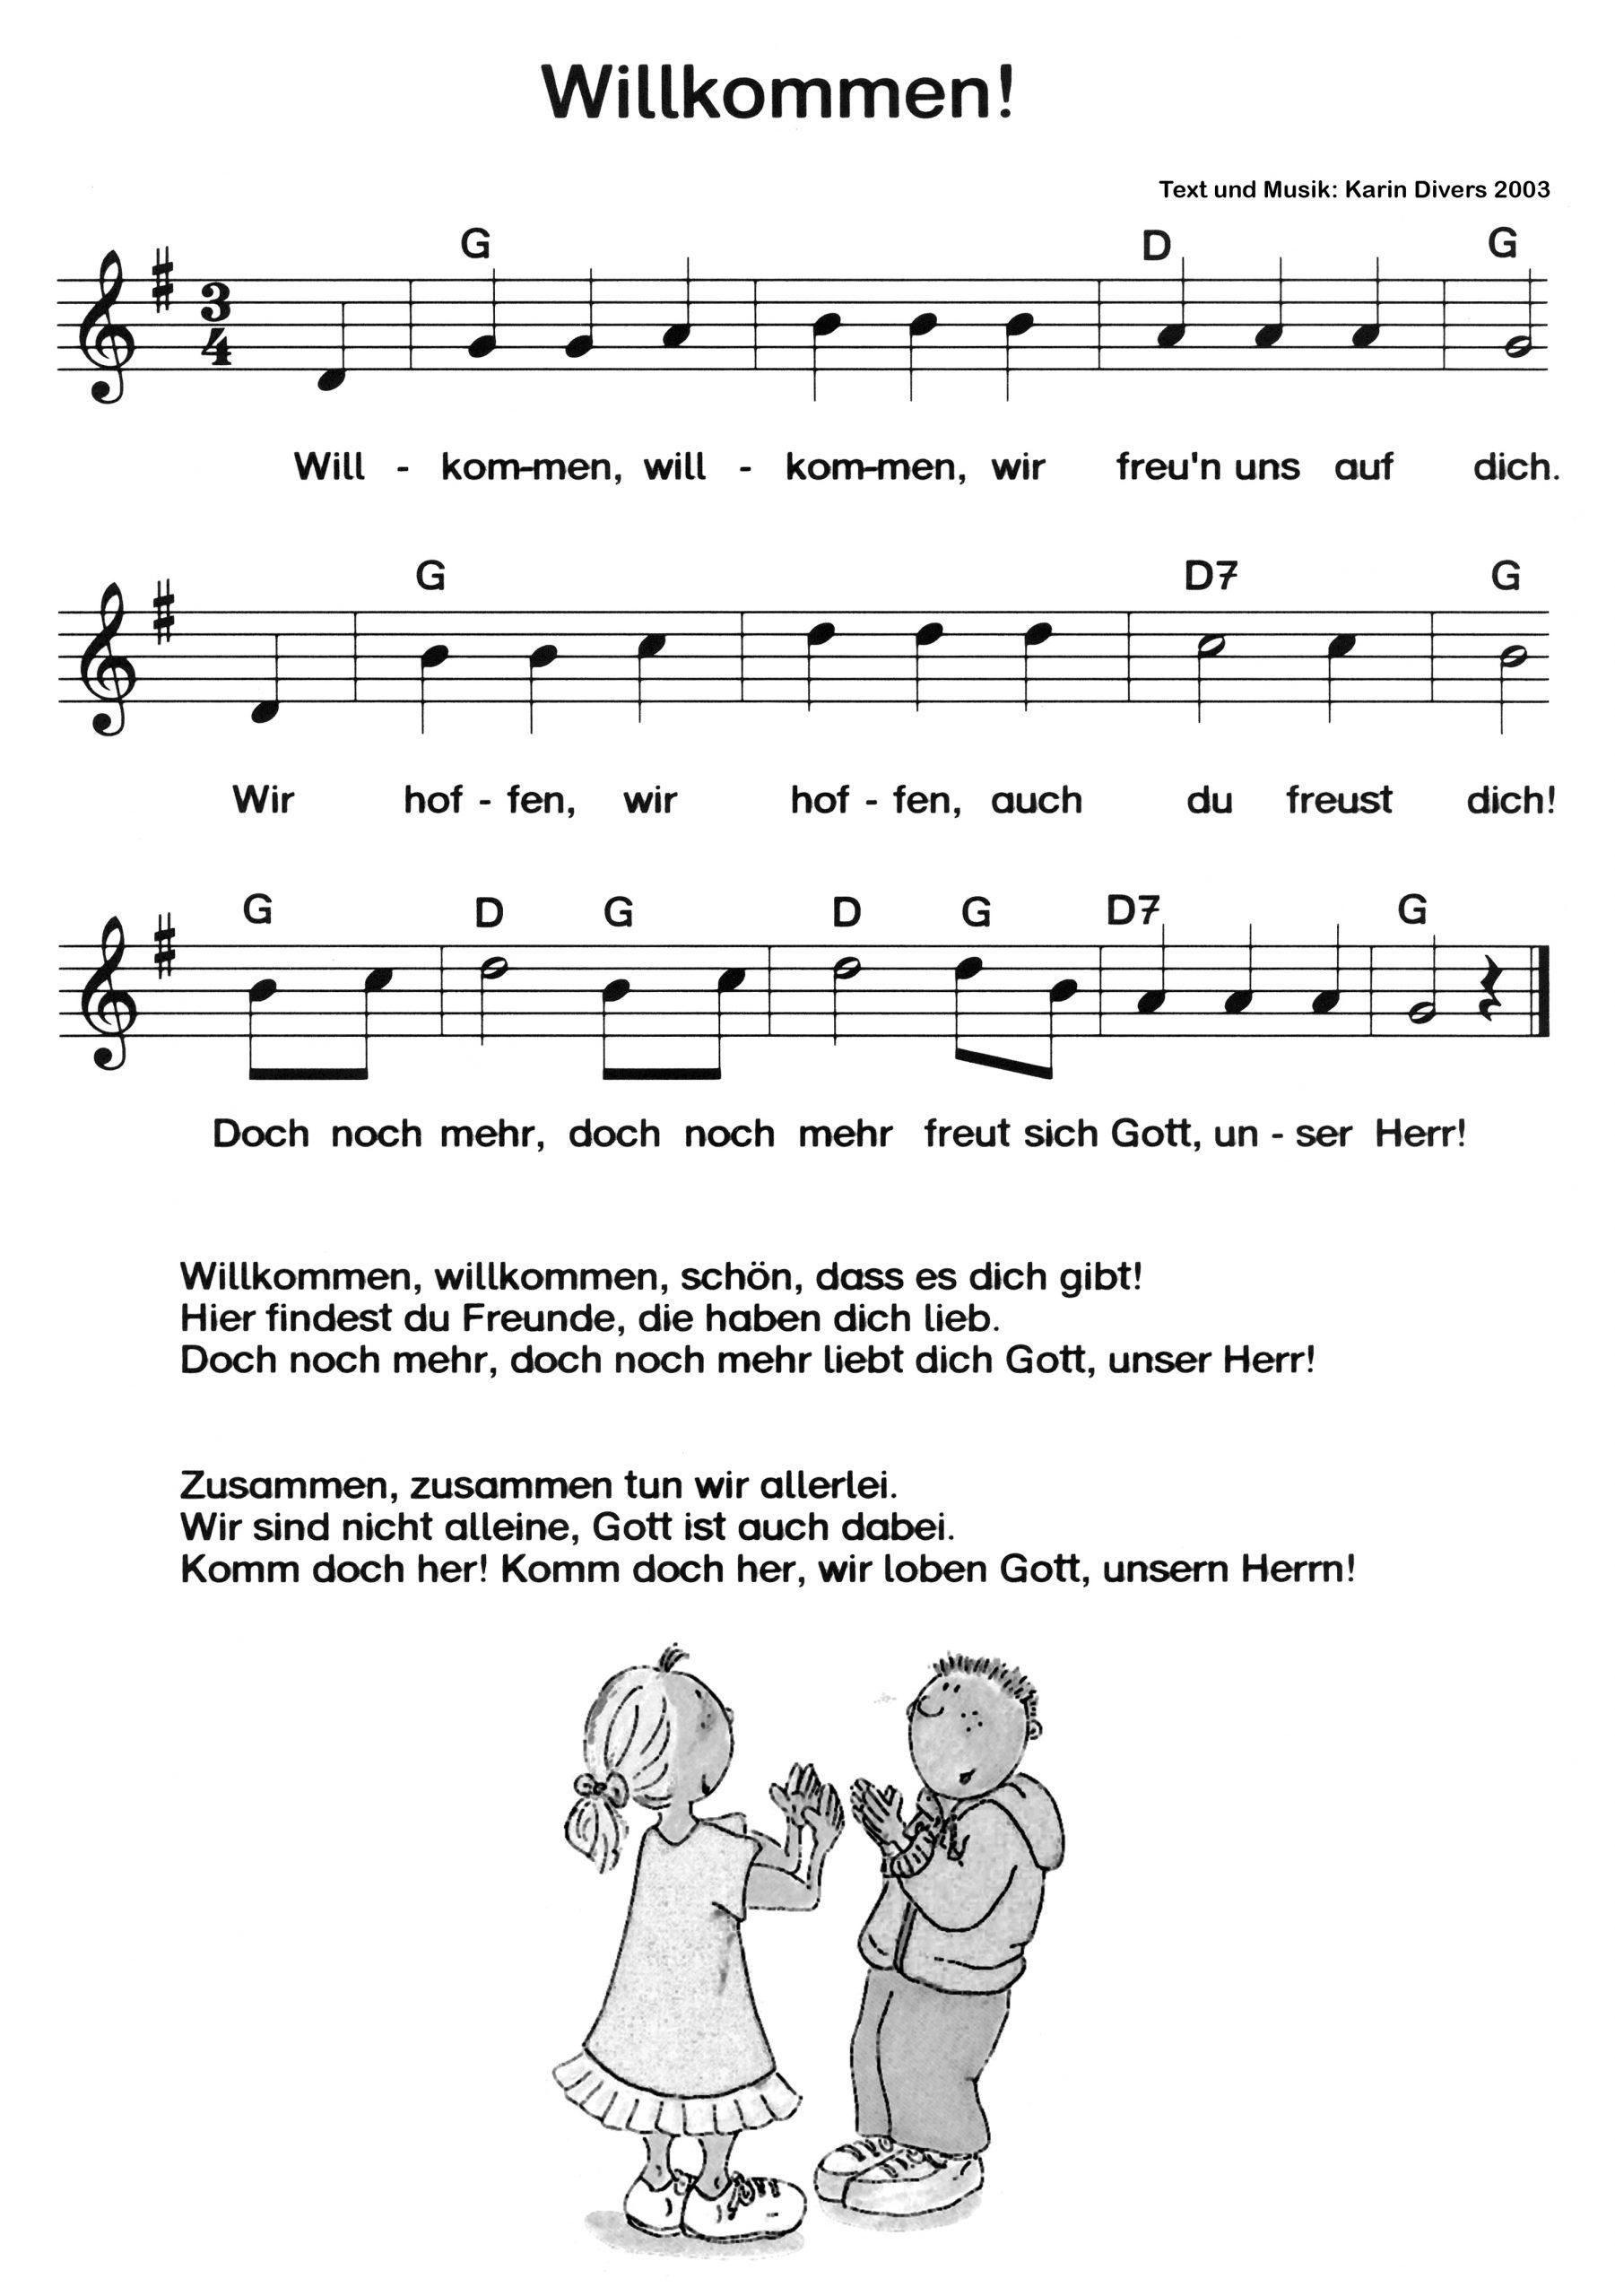 Lieder Archive - Musik Für Kinder in Frühlingslieder Rolf Zuckowski